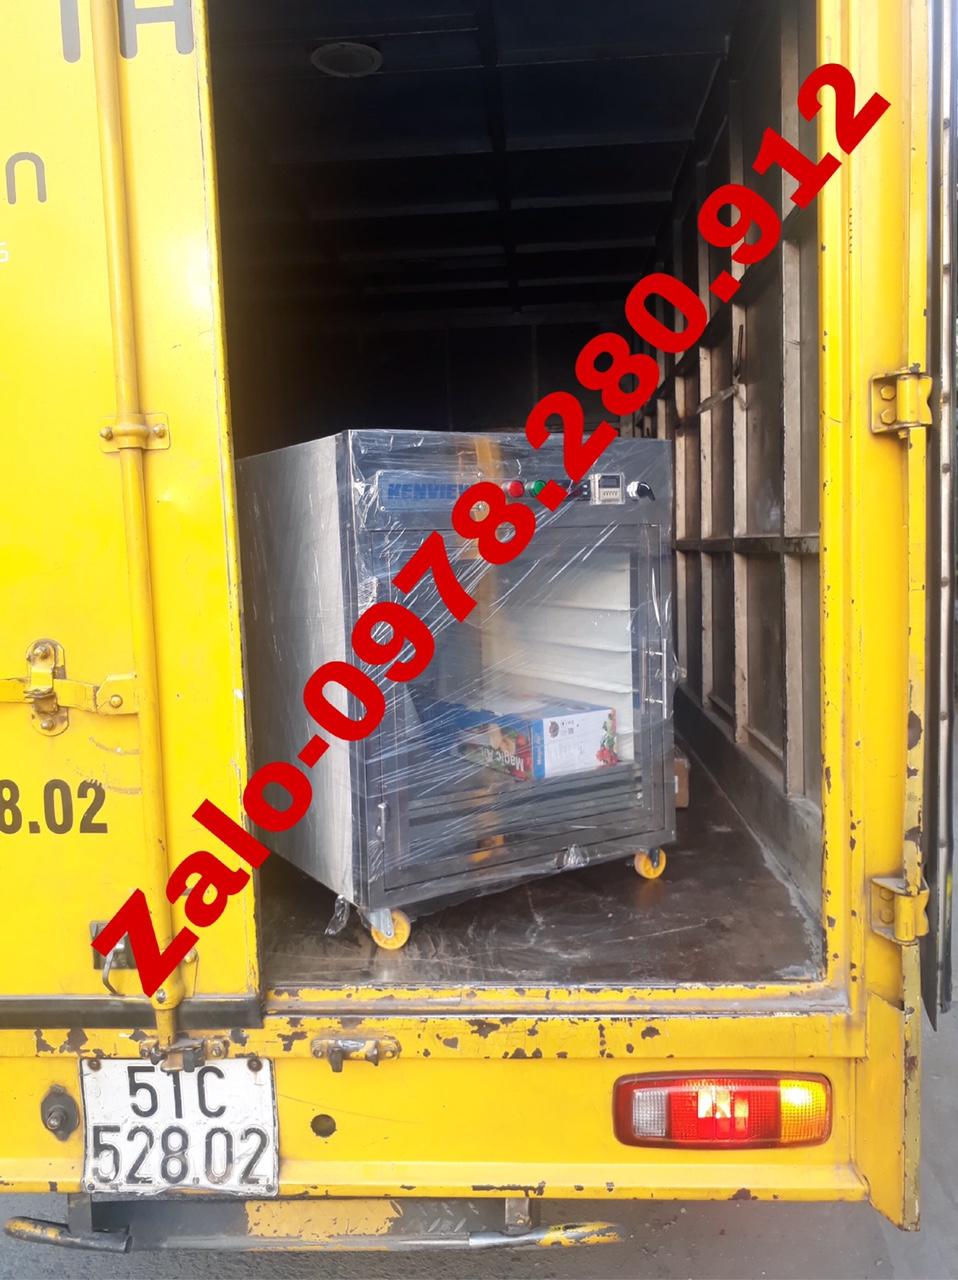 Cung cấp máy sấy trái cây : sấy nho, sấy táo tại Ninh Thuận.0978280912.